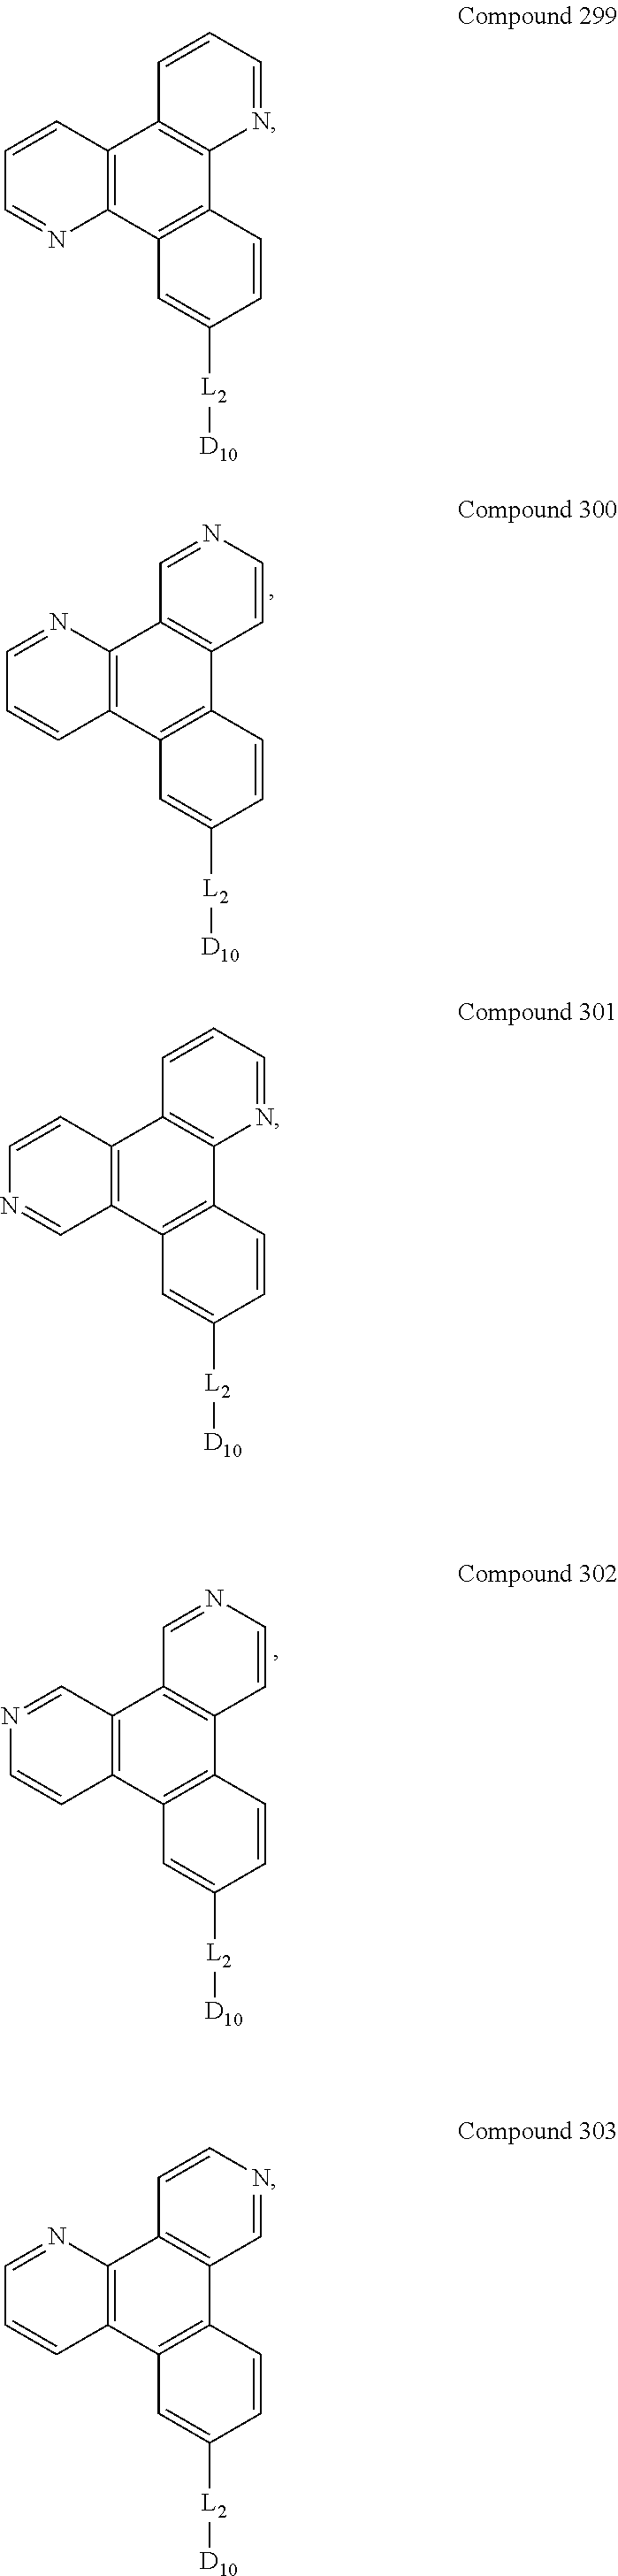 Figure US09537106-20170103-C00631